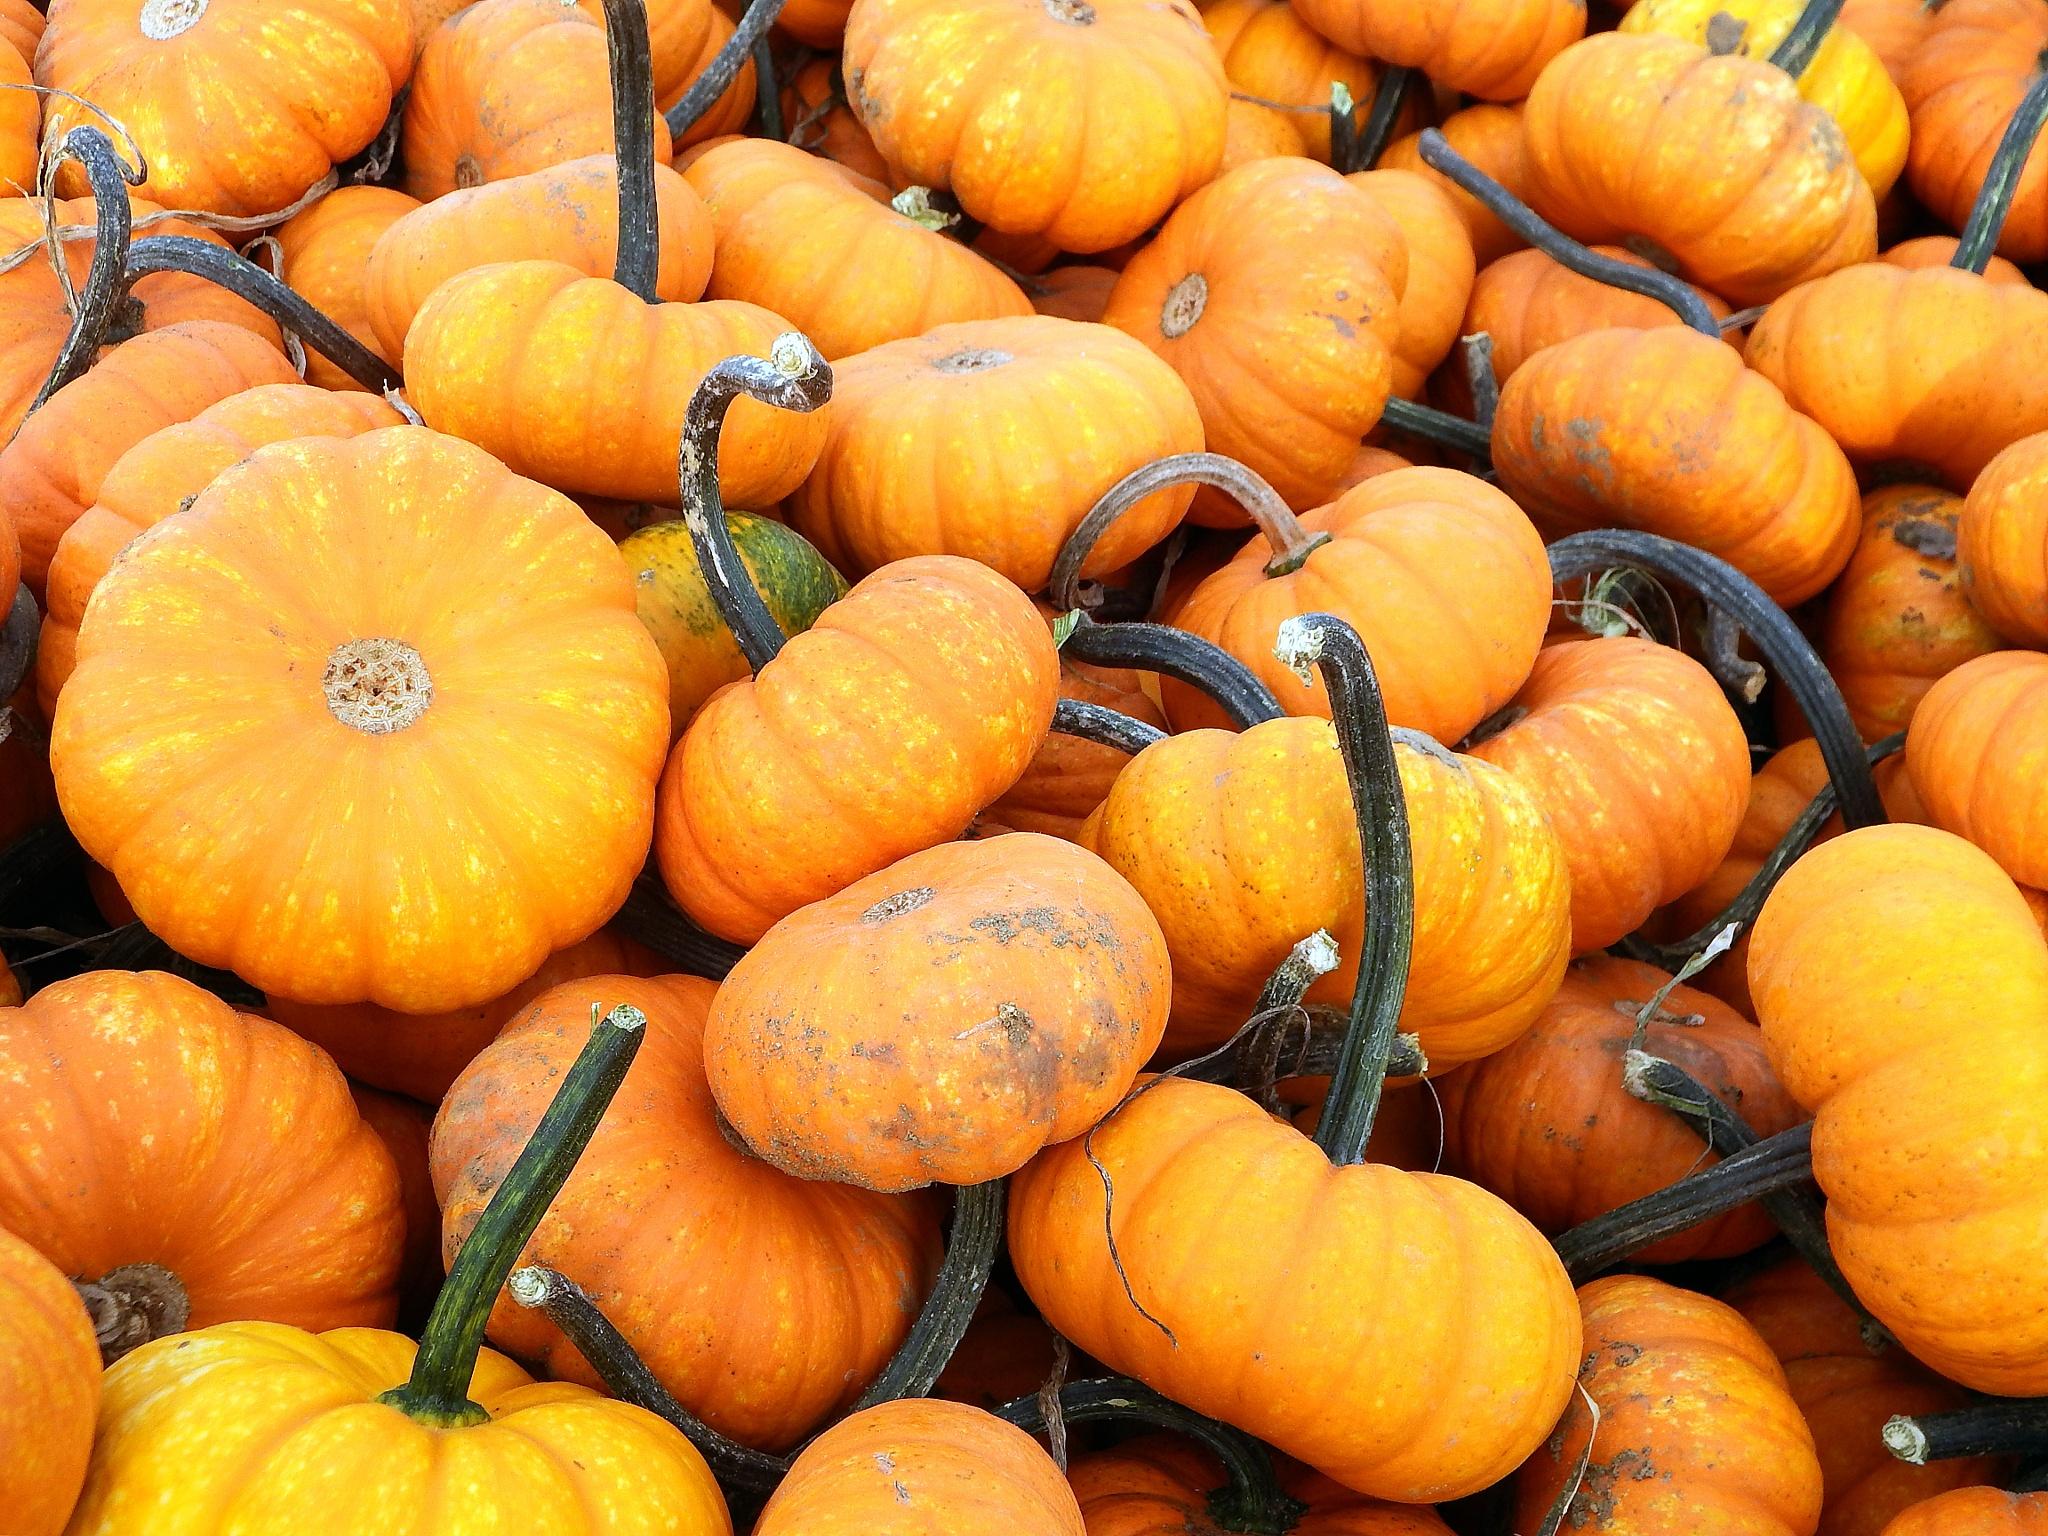 Little Pumpkins by Antonette Stiebritz